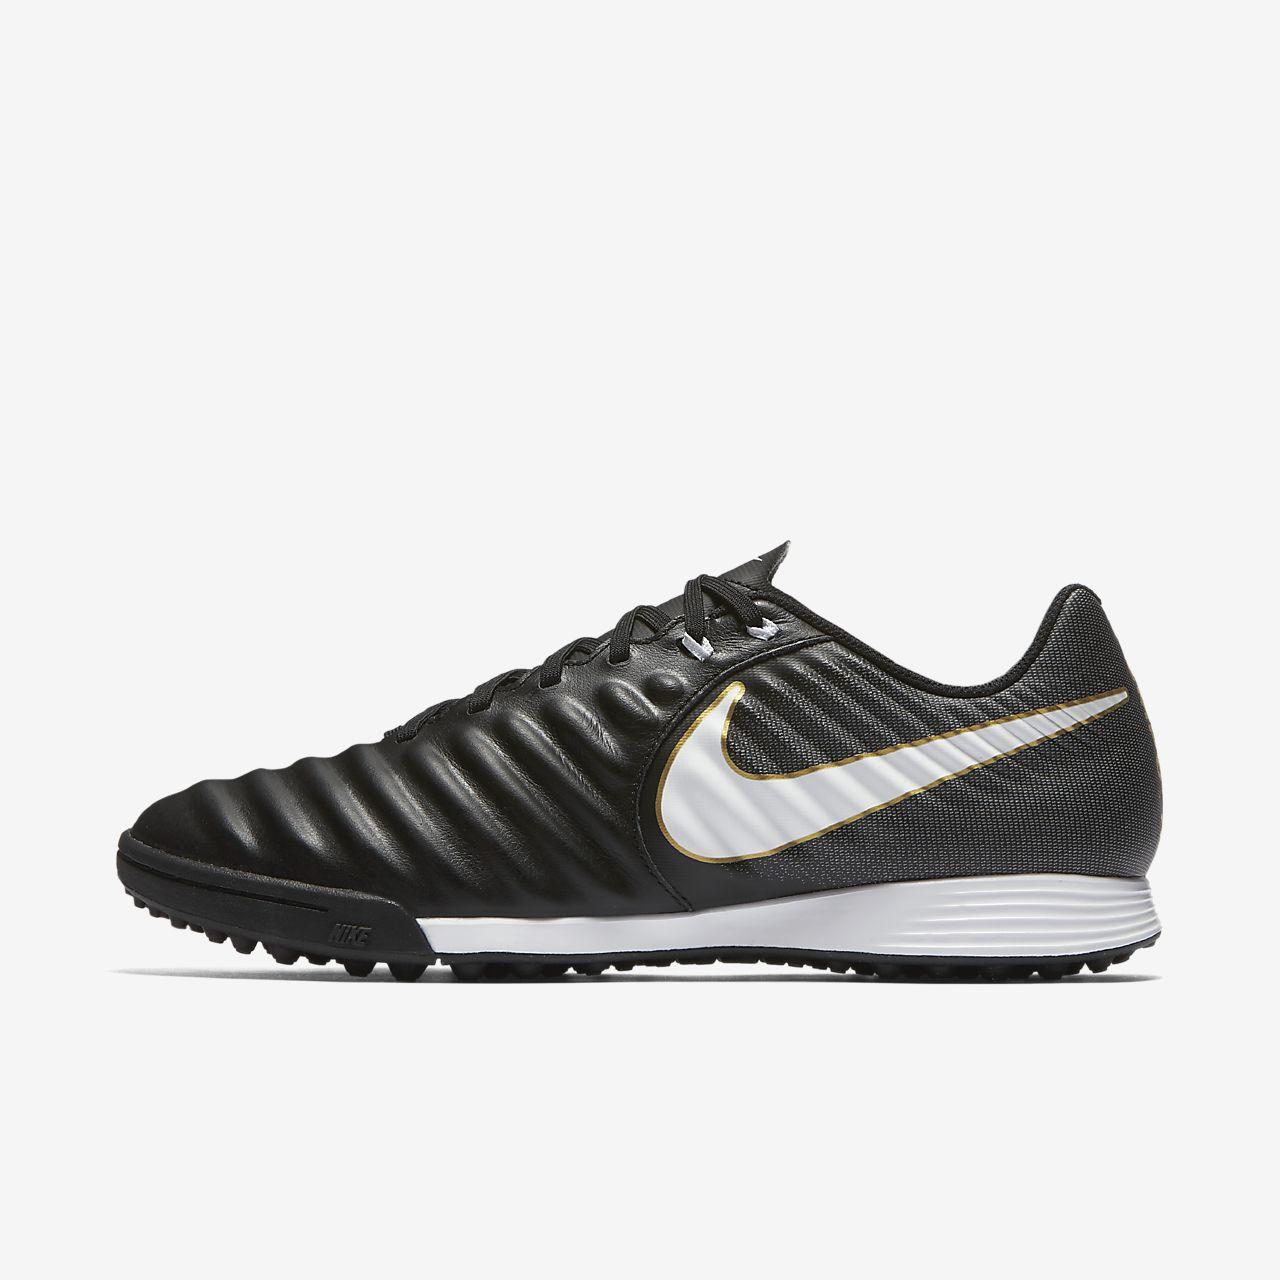 Nike TiempoX Ligera IV Artificial-Turf Women's Football Shoes Black/White mS8715Y